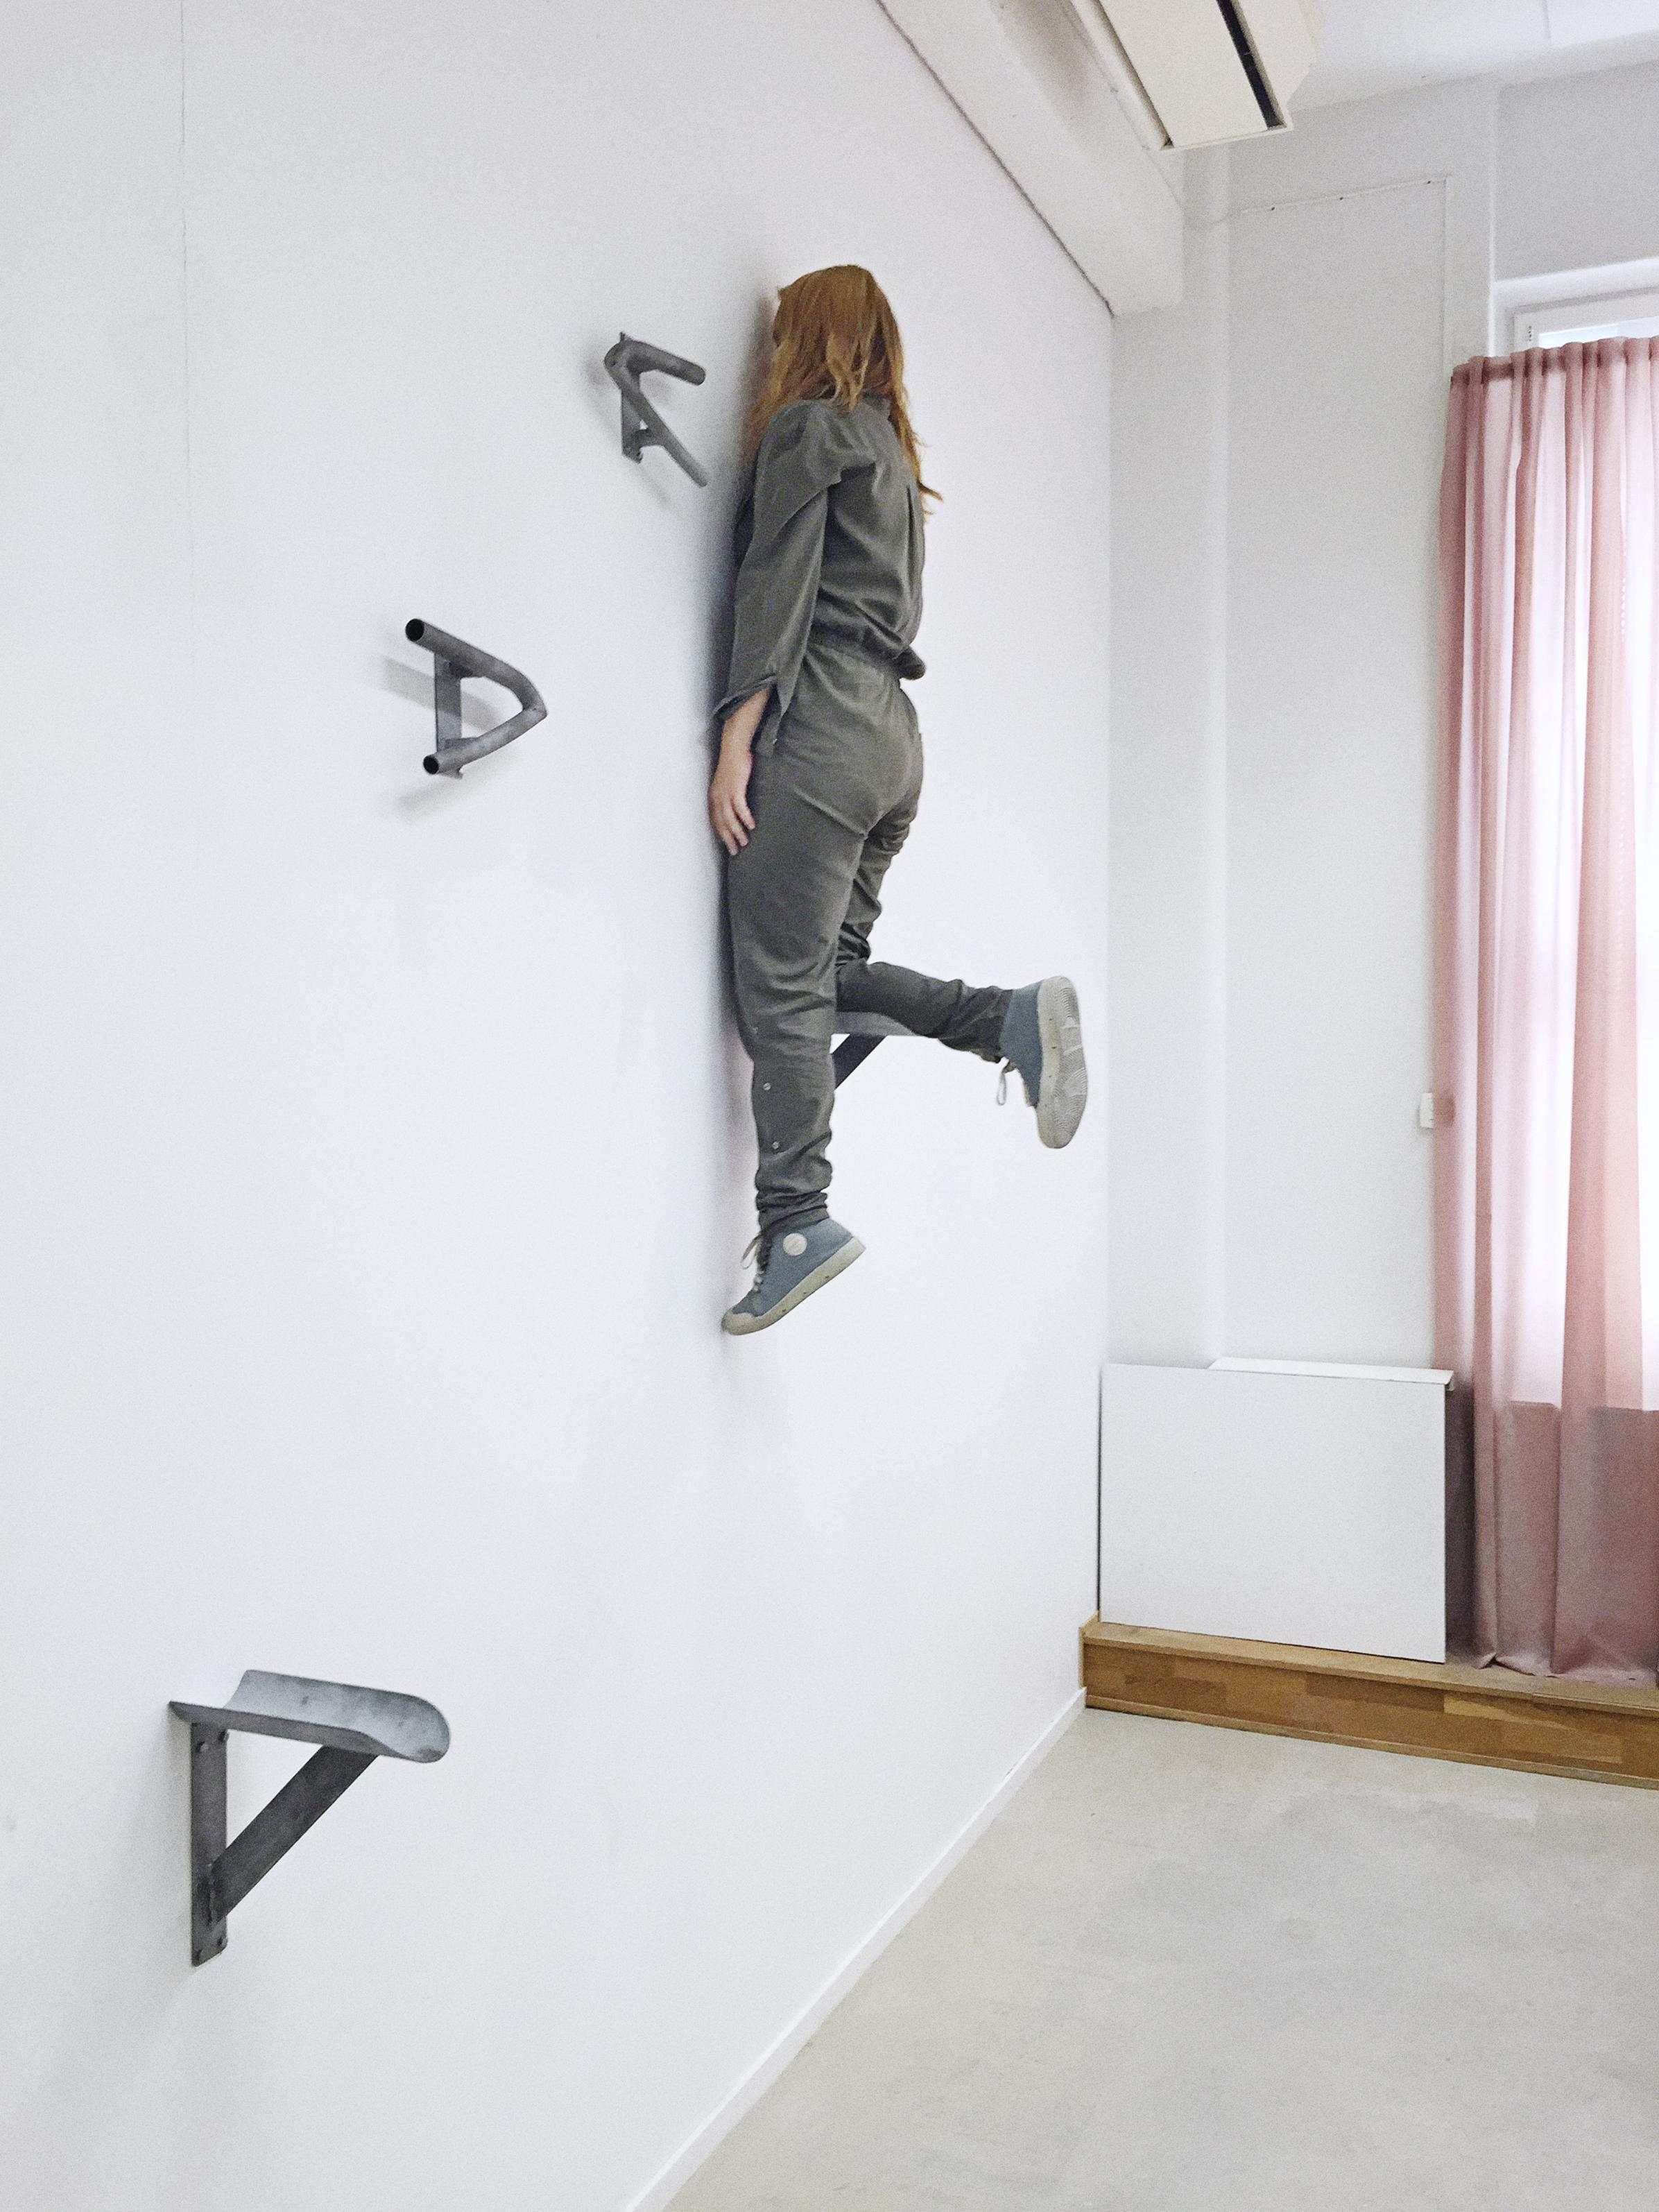 Installation: Världens finaste rum finns i Tensta, 2016, from Open House at IASPIS, Stockholm